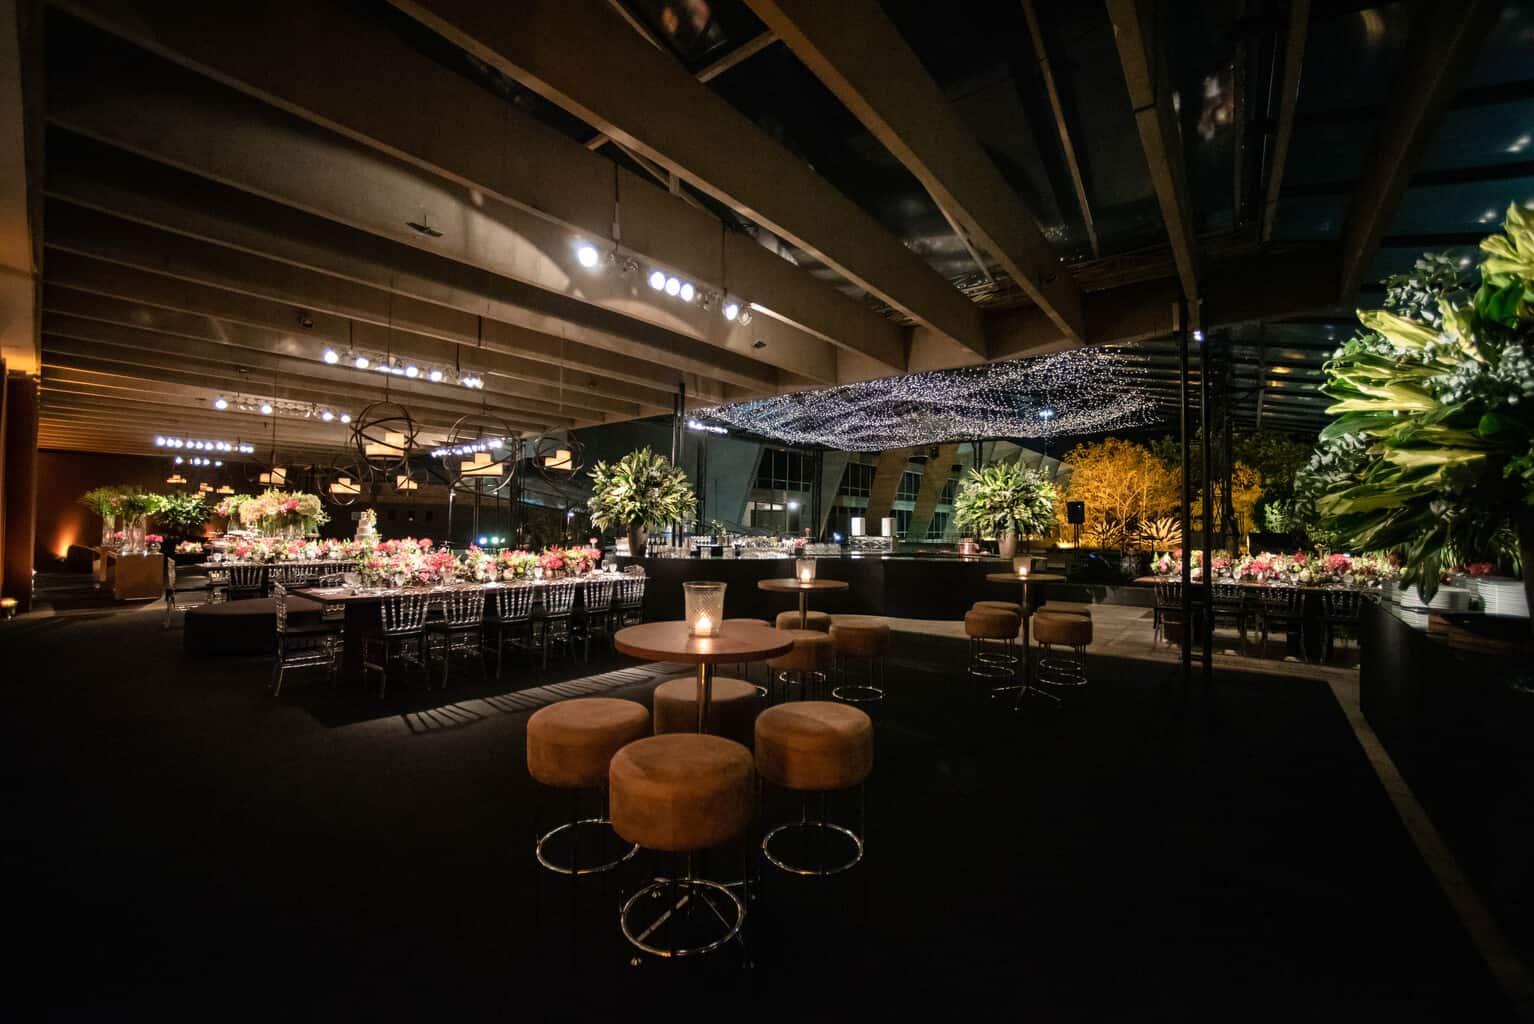 casamento-Karynna-e-Fernando-cerimonial-TCD-Eventos-decoração-Eugenia-Guerrera-Decoração-Melanie-Schmid-fotografia-Marina-Fava43